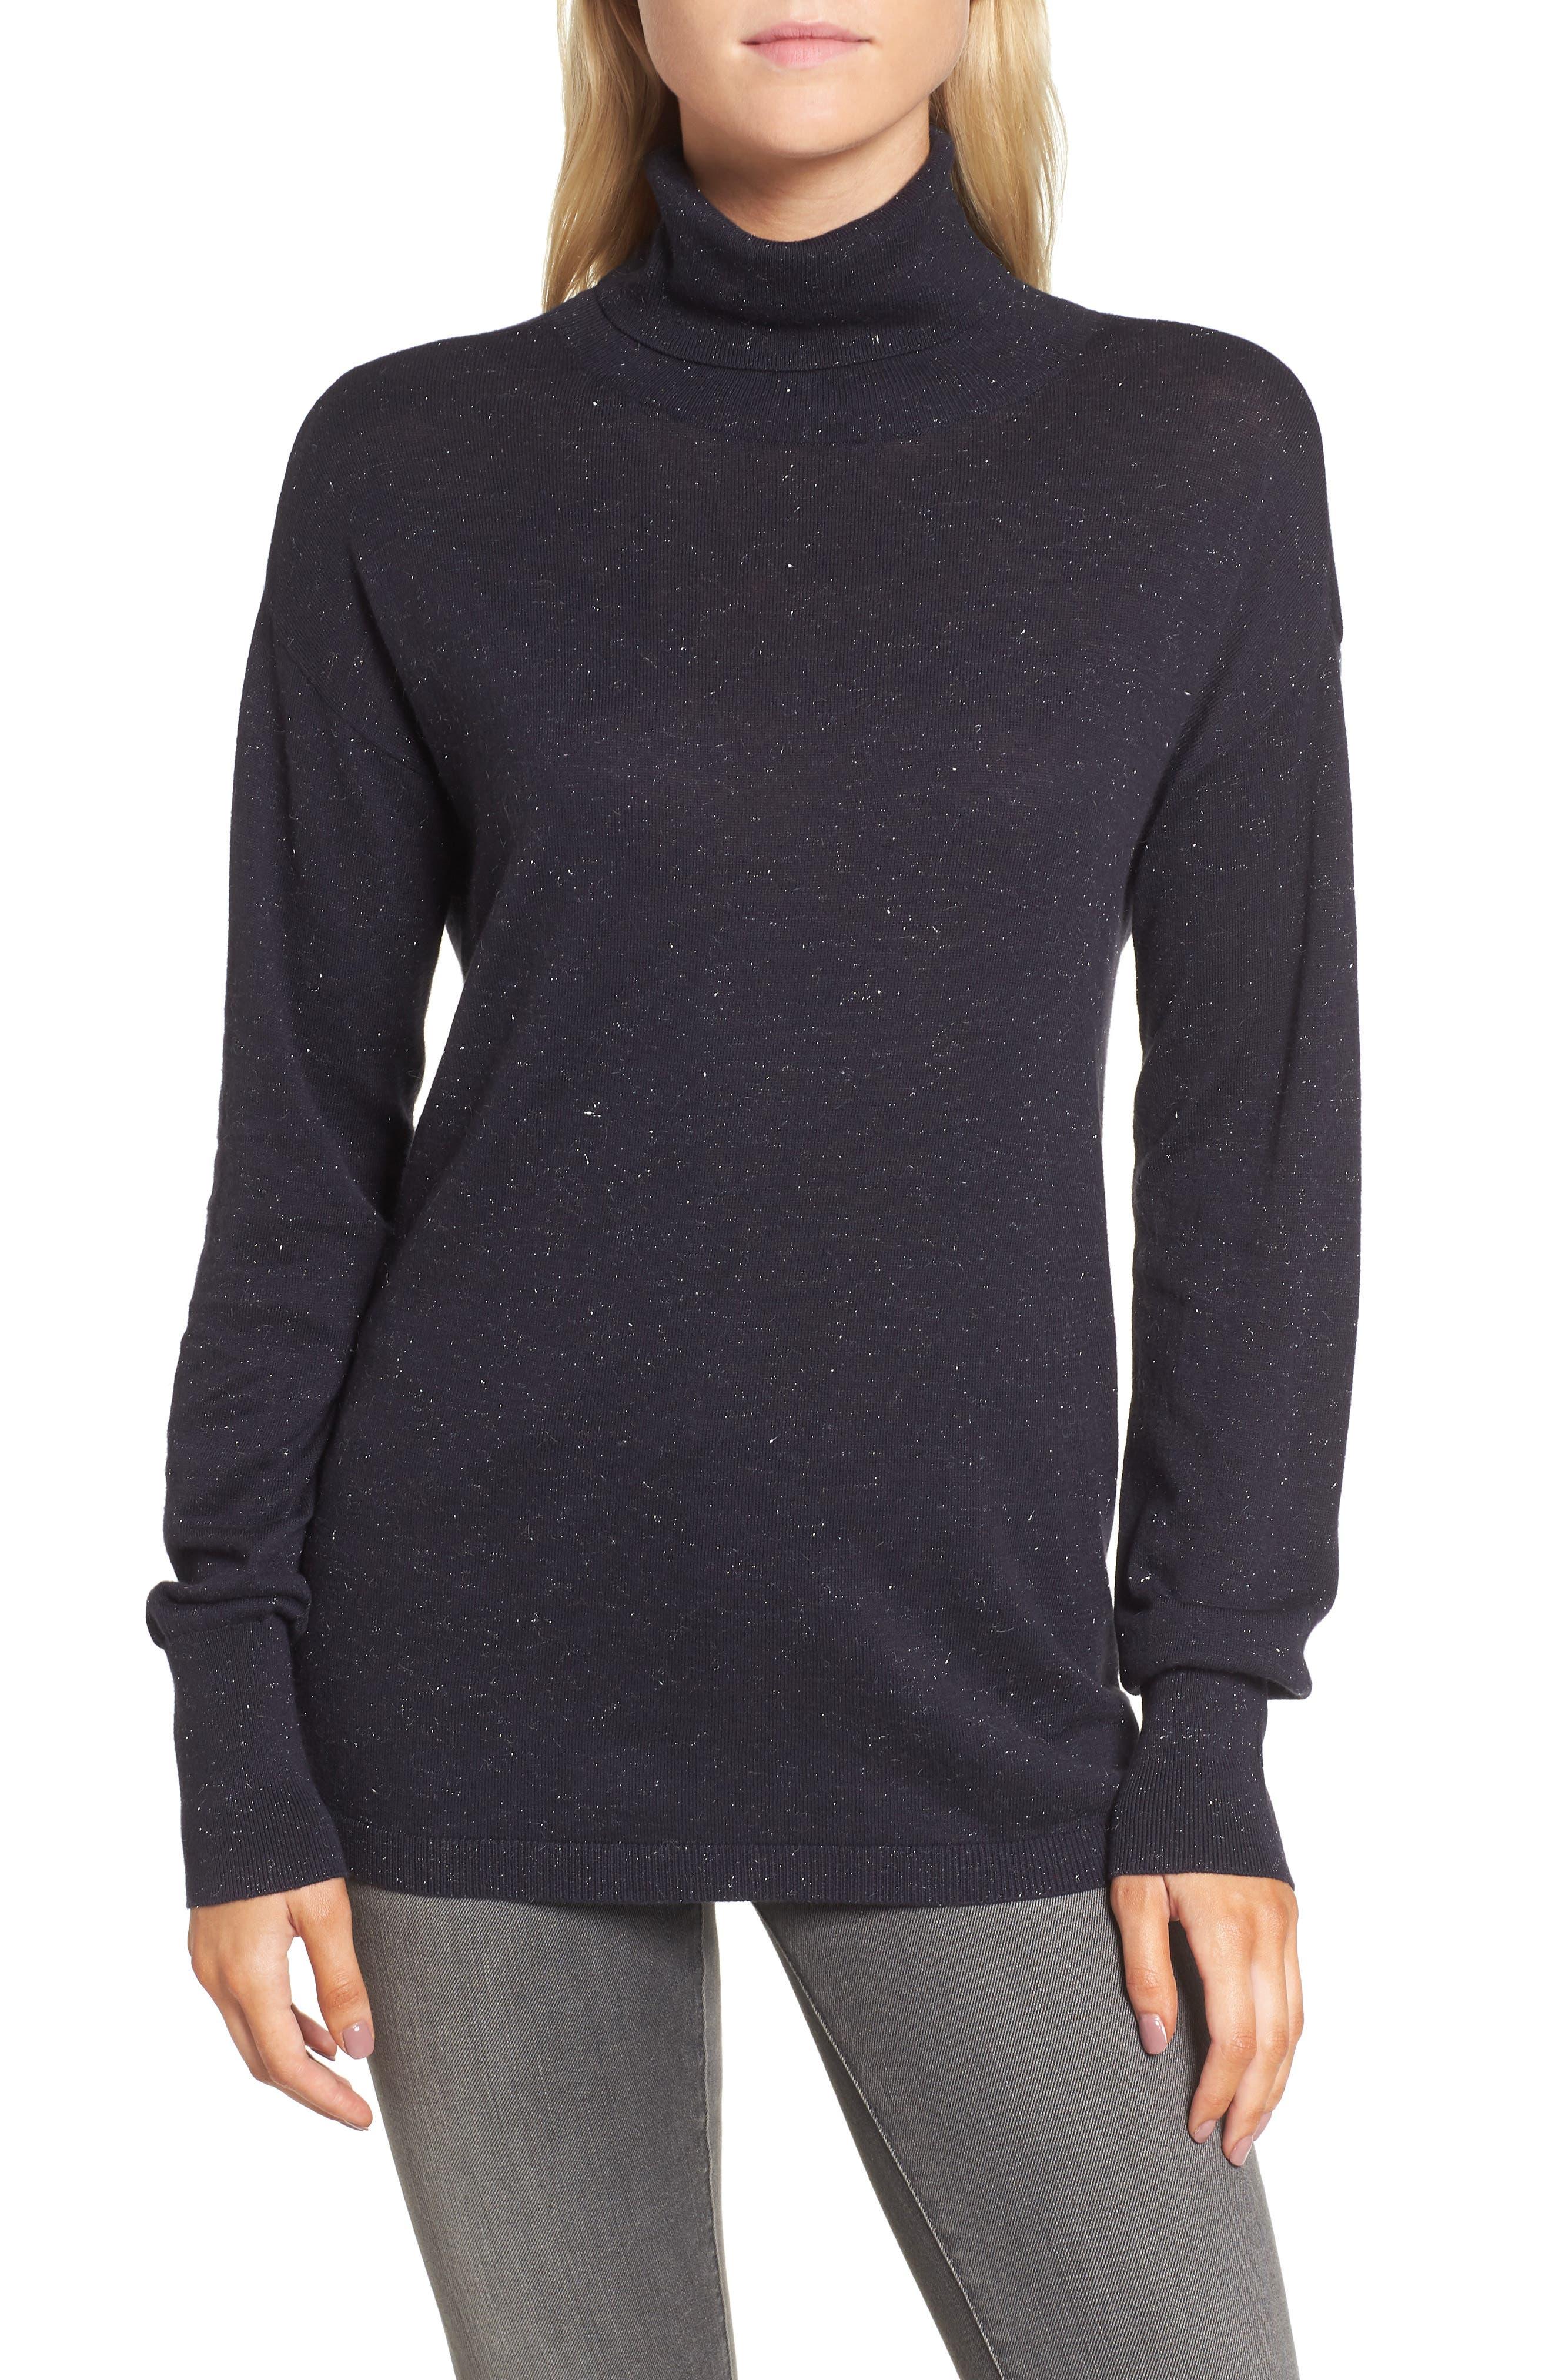 Chelsea28 Open Back Sweater